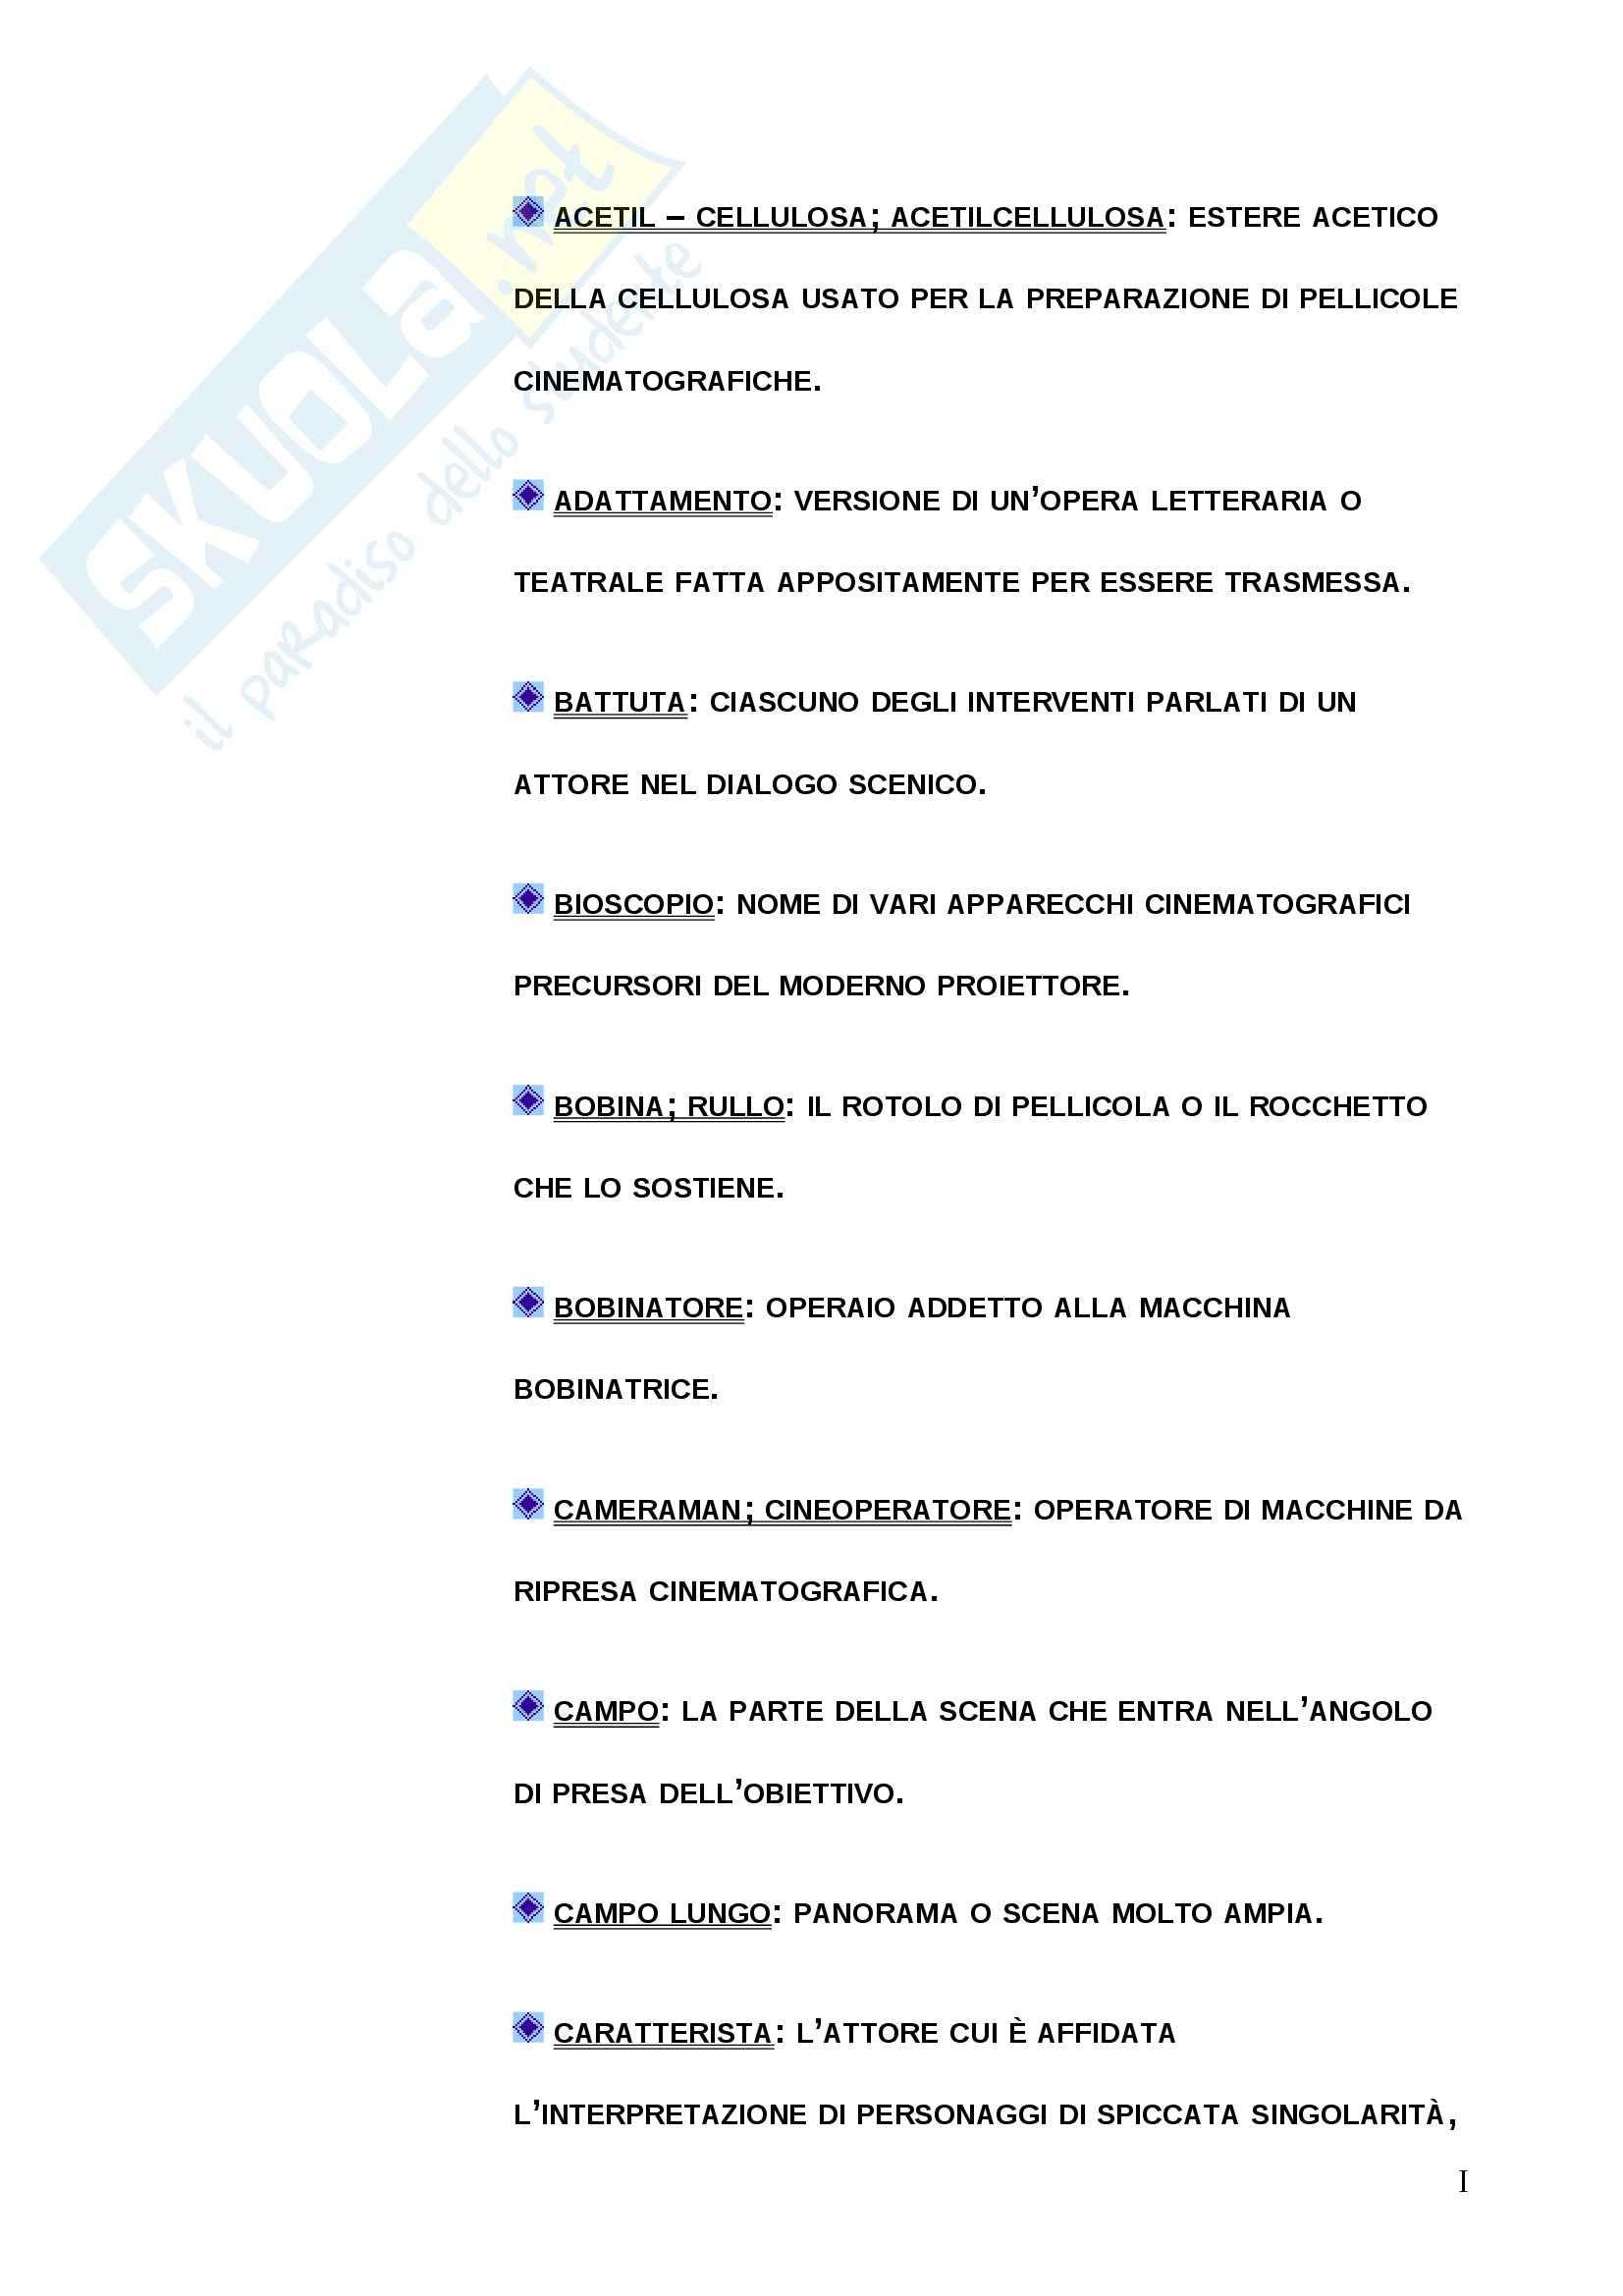 Mediazione francese - glossario con definizioni terminologia cinematografica in italiano